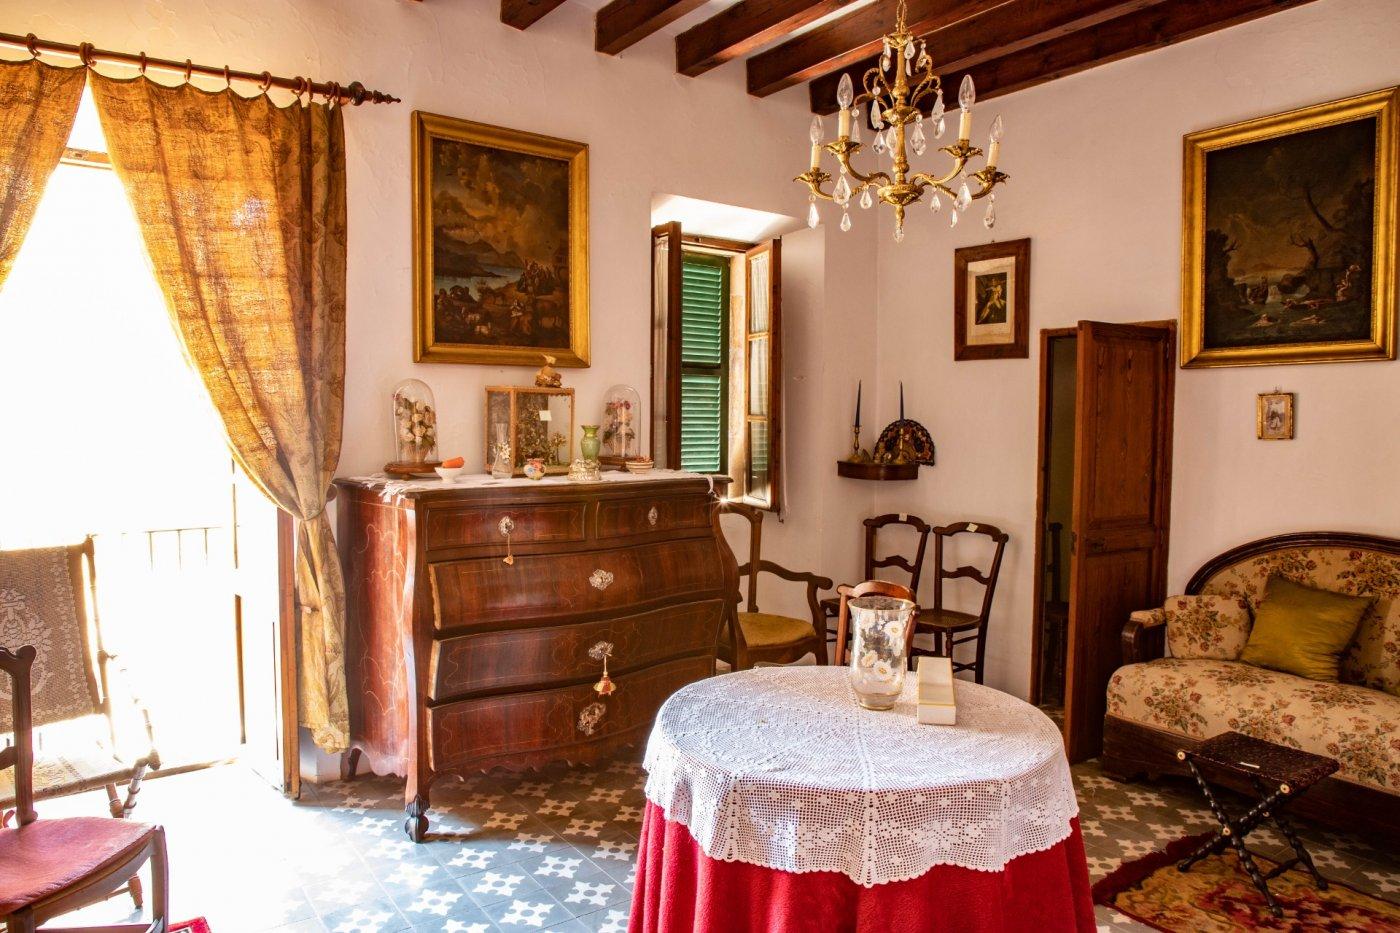 En venta excelente casa en el centro de pollensa - imagenInmueble2